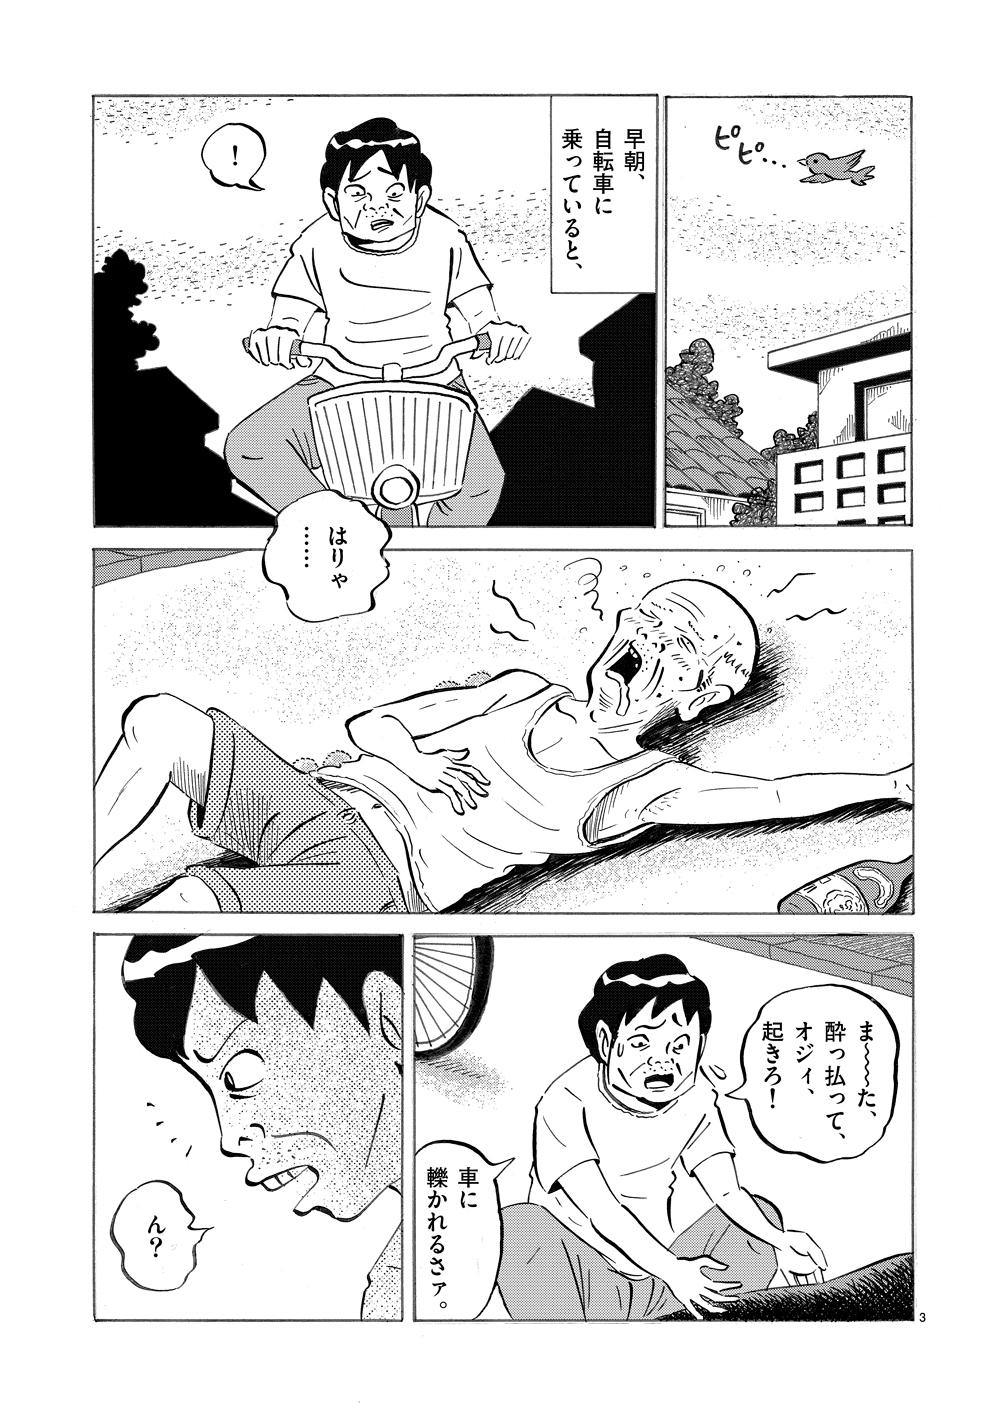 琉球怪談 【第1話】WEB掲載3ページ目画像